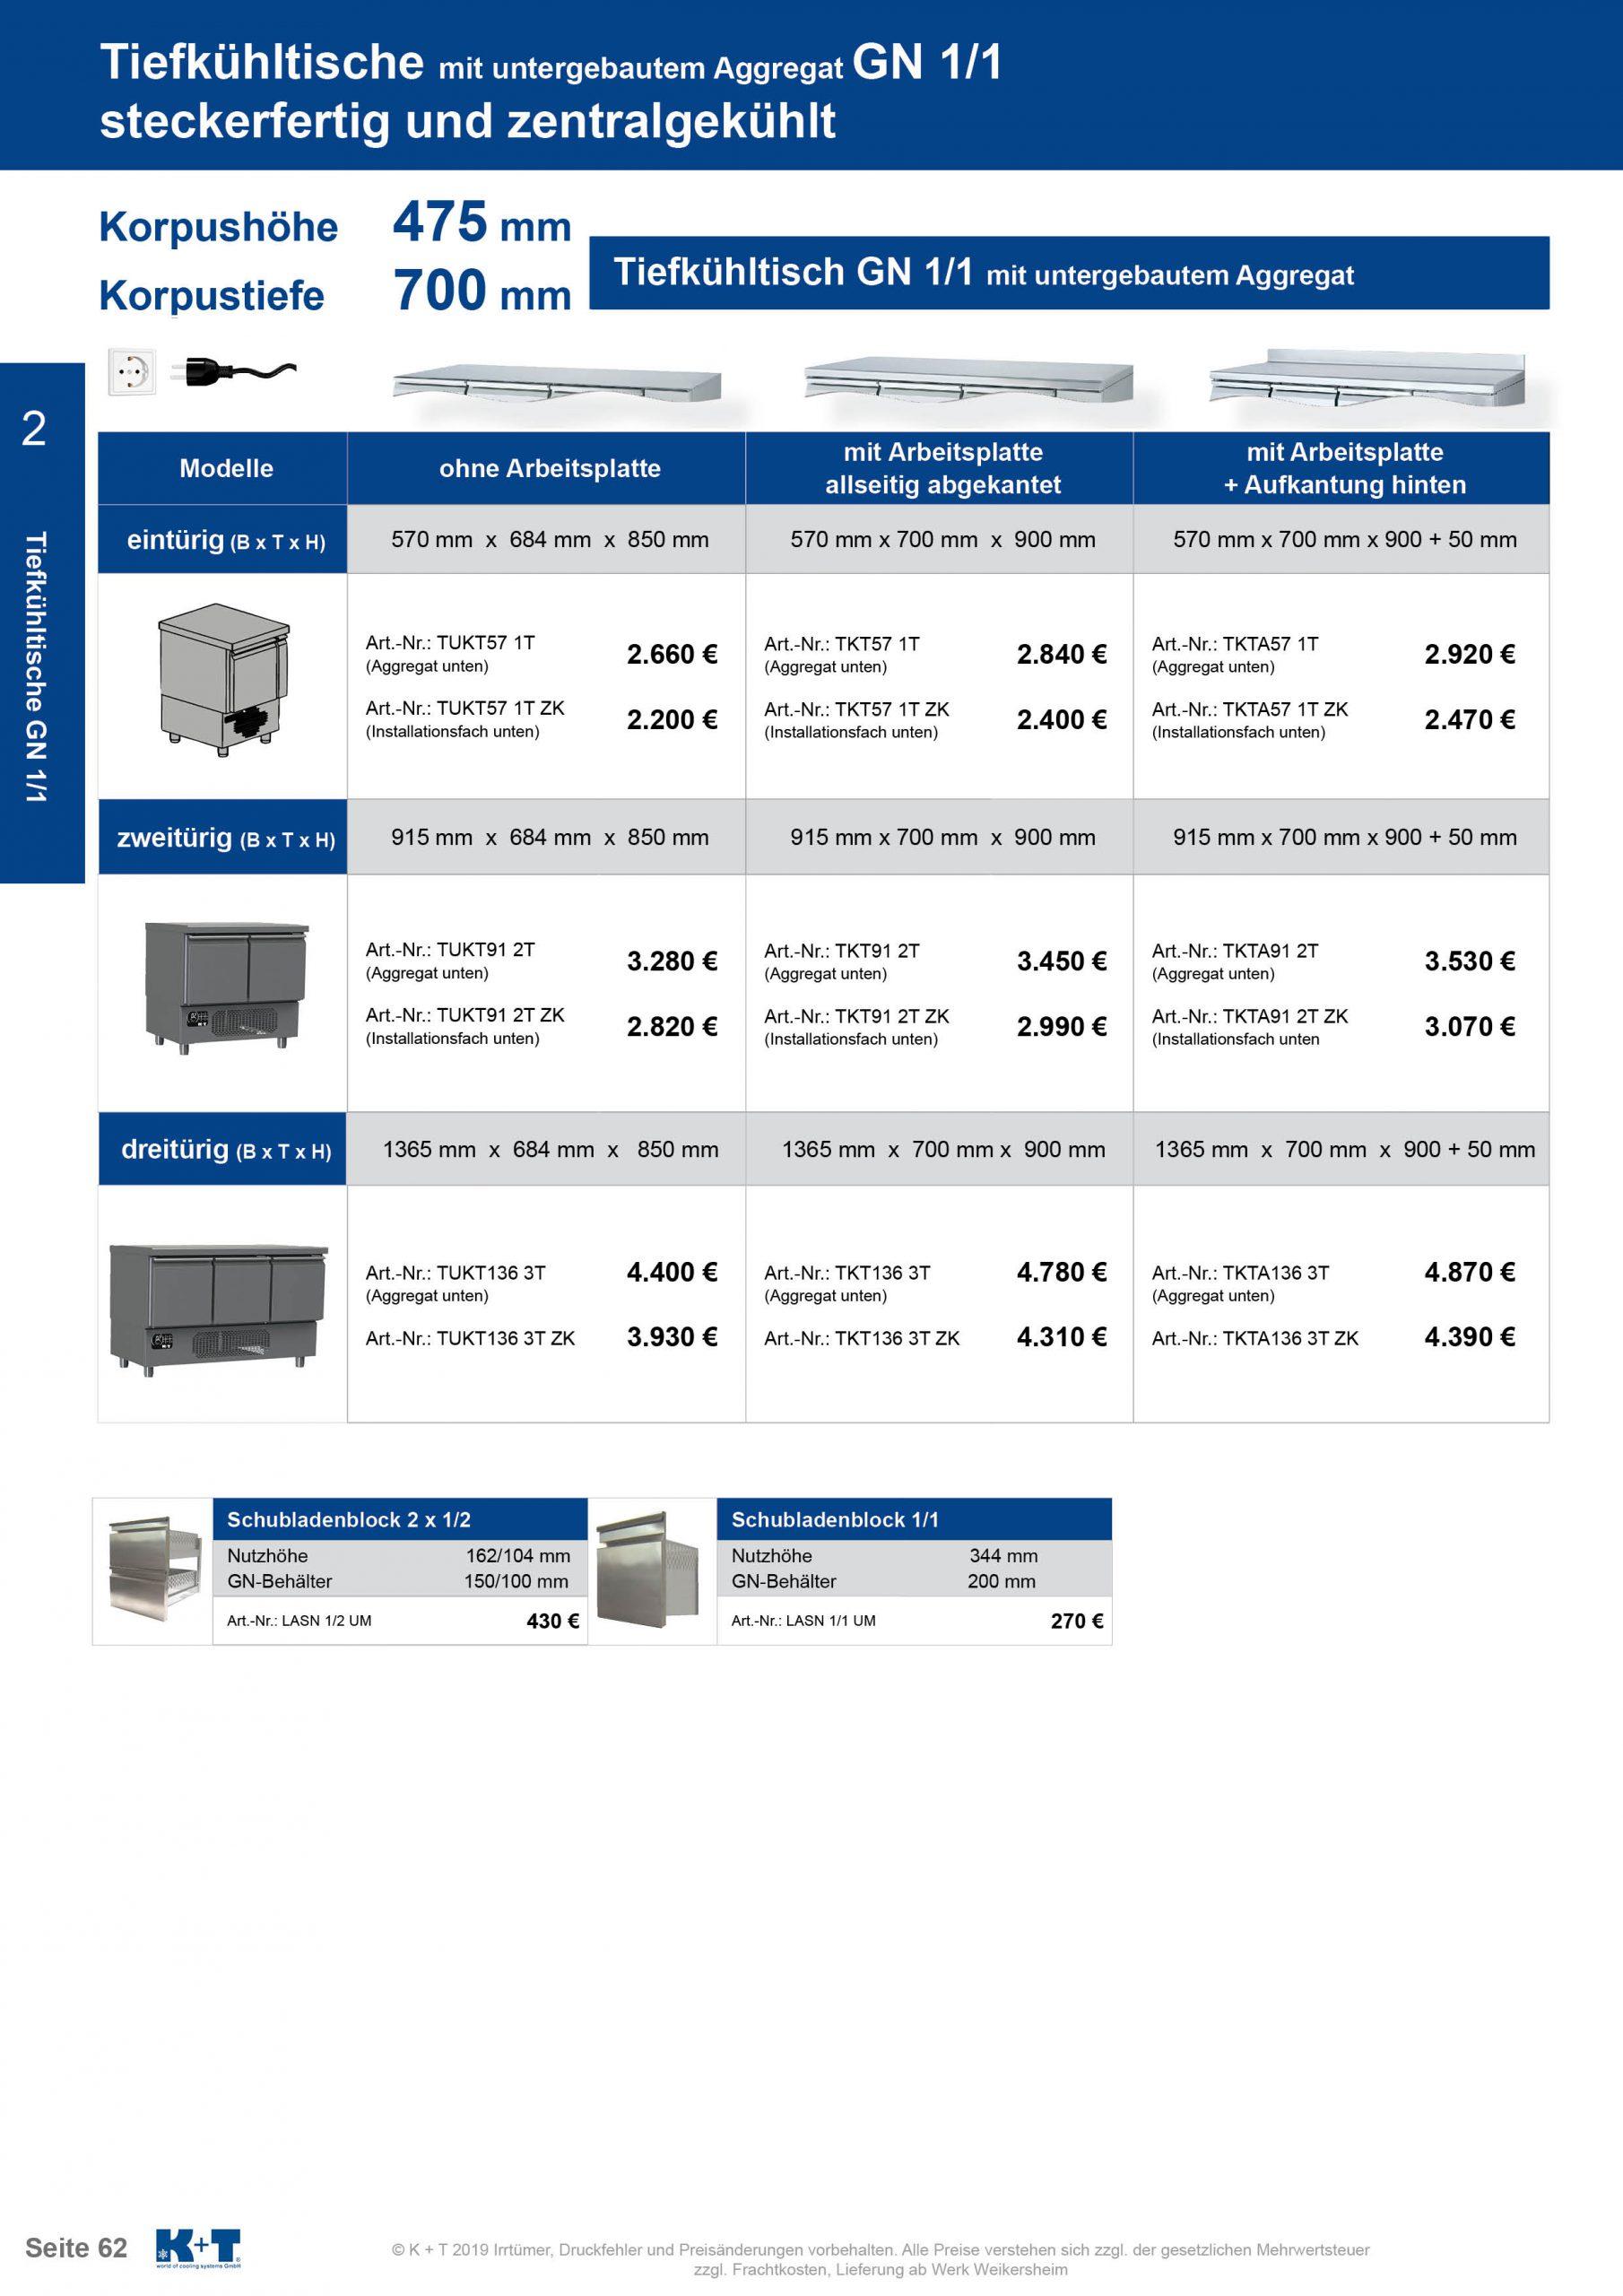 Tiefkühltisch mit untergebautem Aggregat zentralgekühlt 1